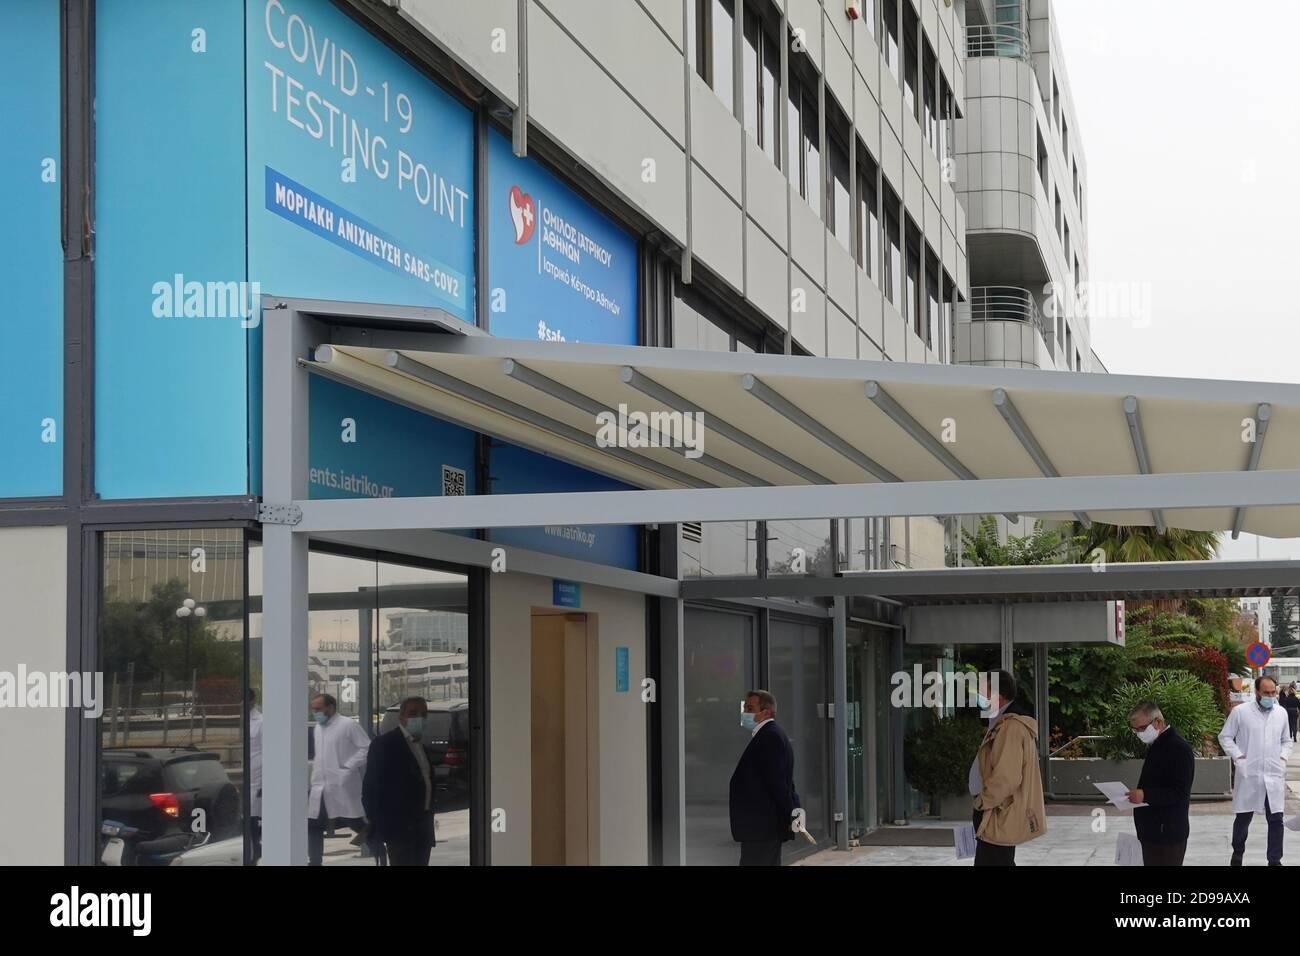 Athènes, Grèce - 3 novembre 2020 : personnes en file d'attente au point de test du coronavirus Covid-19. Détection moléculaire du virus sras-cov-2. Banque D'Images